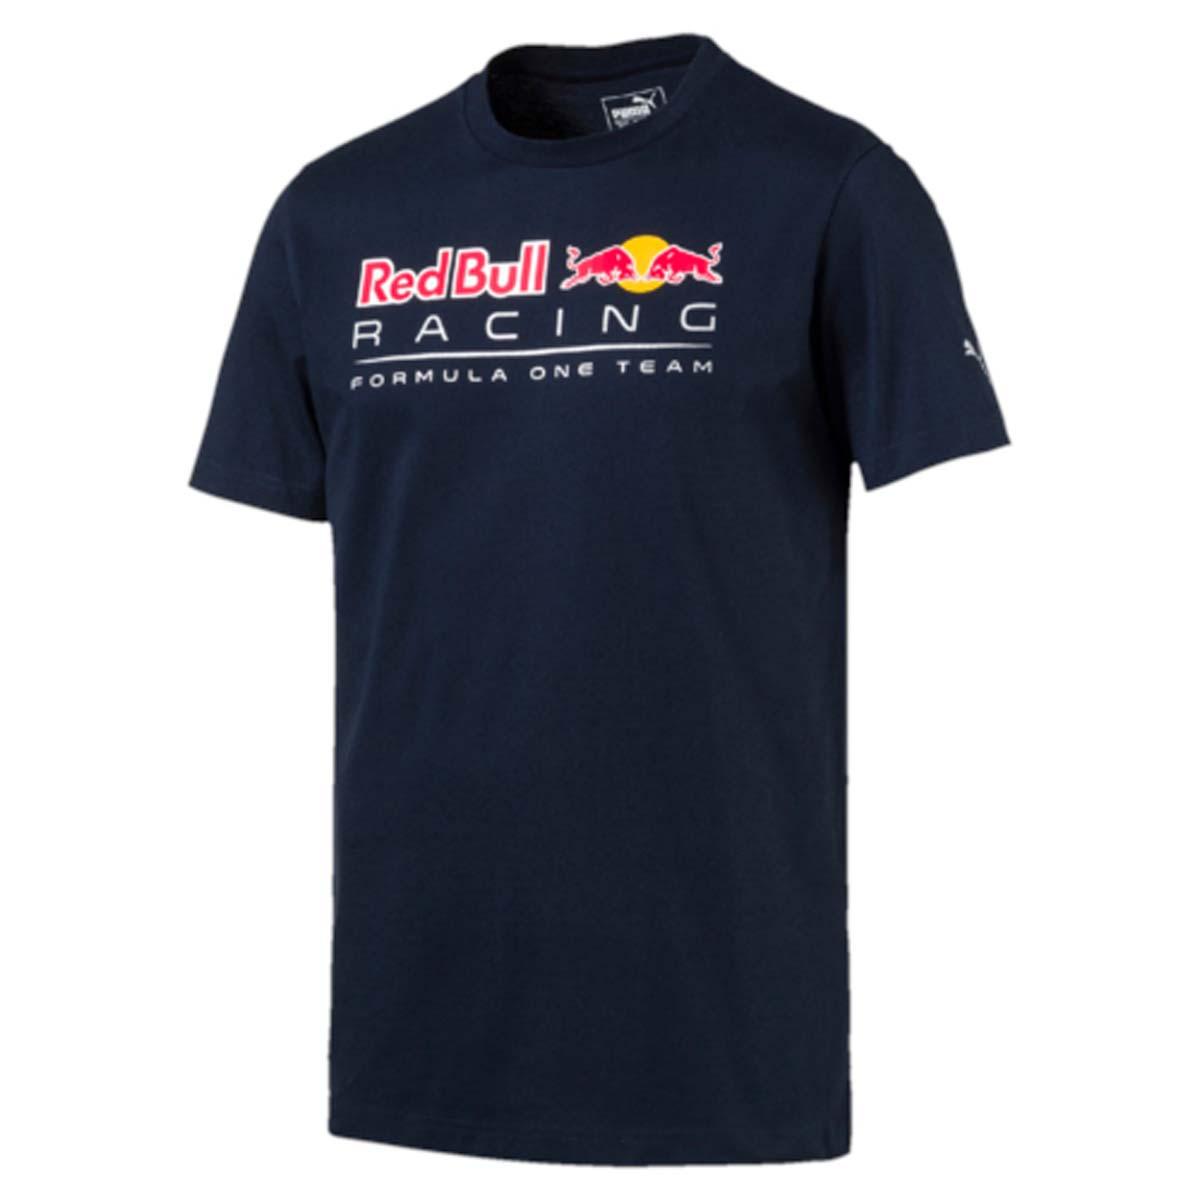 Футболка мужская Puma RBR Logo Tee, цвет: синий. 572747_01. Размер M (48/50)572747_01Футболка мужская RBR Logo Tee выполнена из чистого хлопка и отличается хорошей воздухопроницаемостью. Изделие имеет классический крой, круглый вырез горловины и короткие рукава. Спереди модель украшена логотипом Red Bull Racing, на левом рукаве имеется логотип PUMA. Такая футболка незаменима для любителей автоспорта.